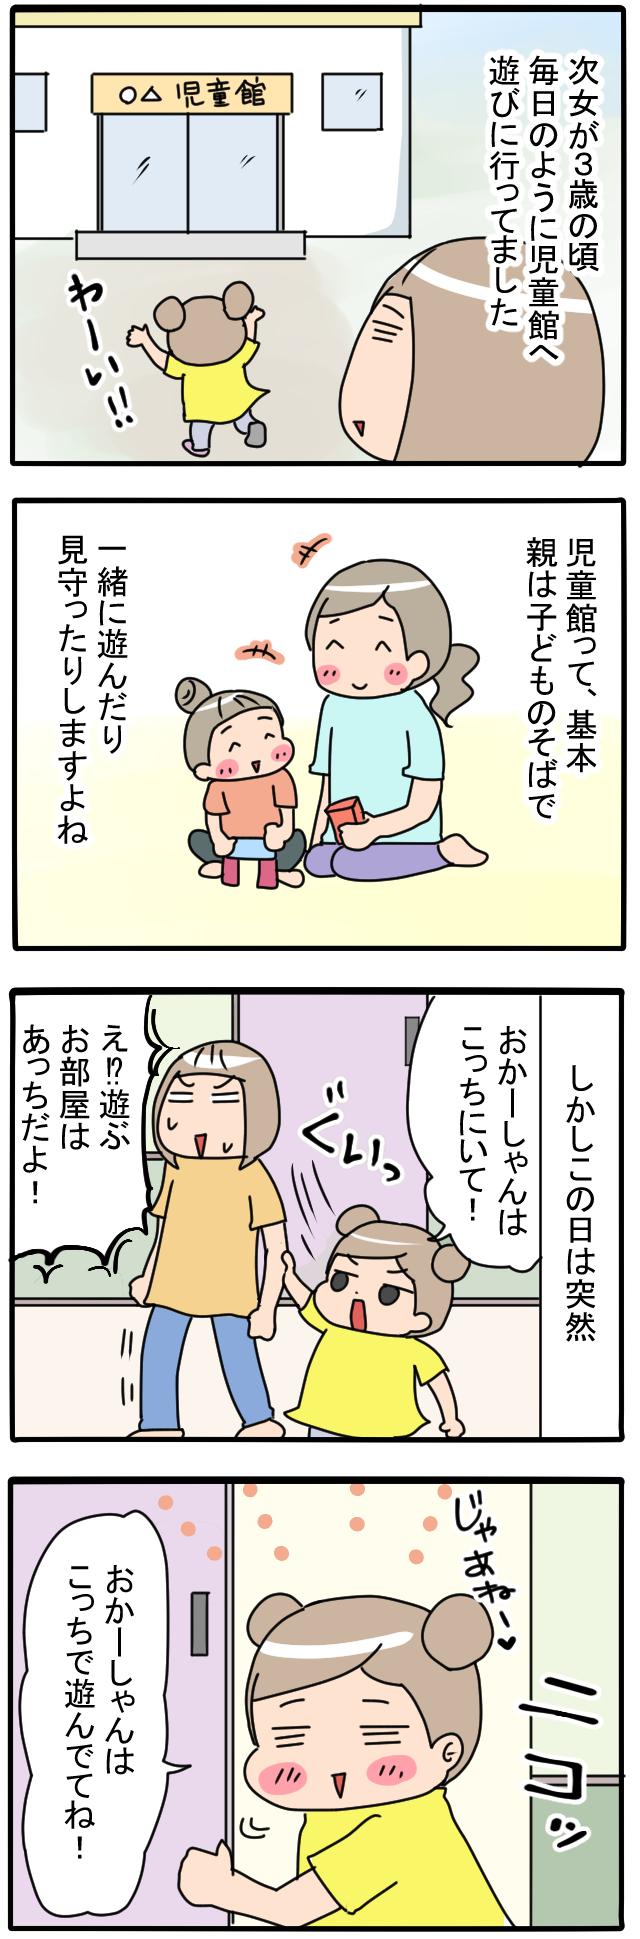 喜んでいいのか、悪いのか…3歳娘の成長が母を苦しめています(笑)の画像1